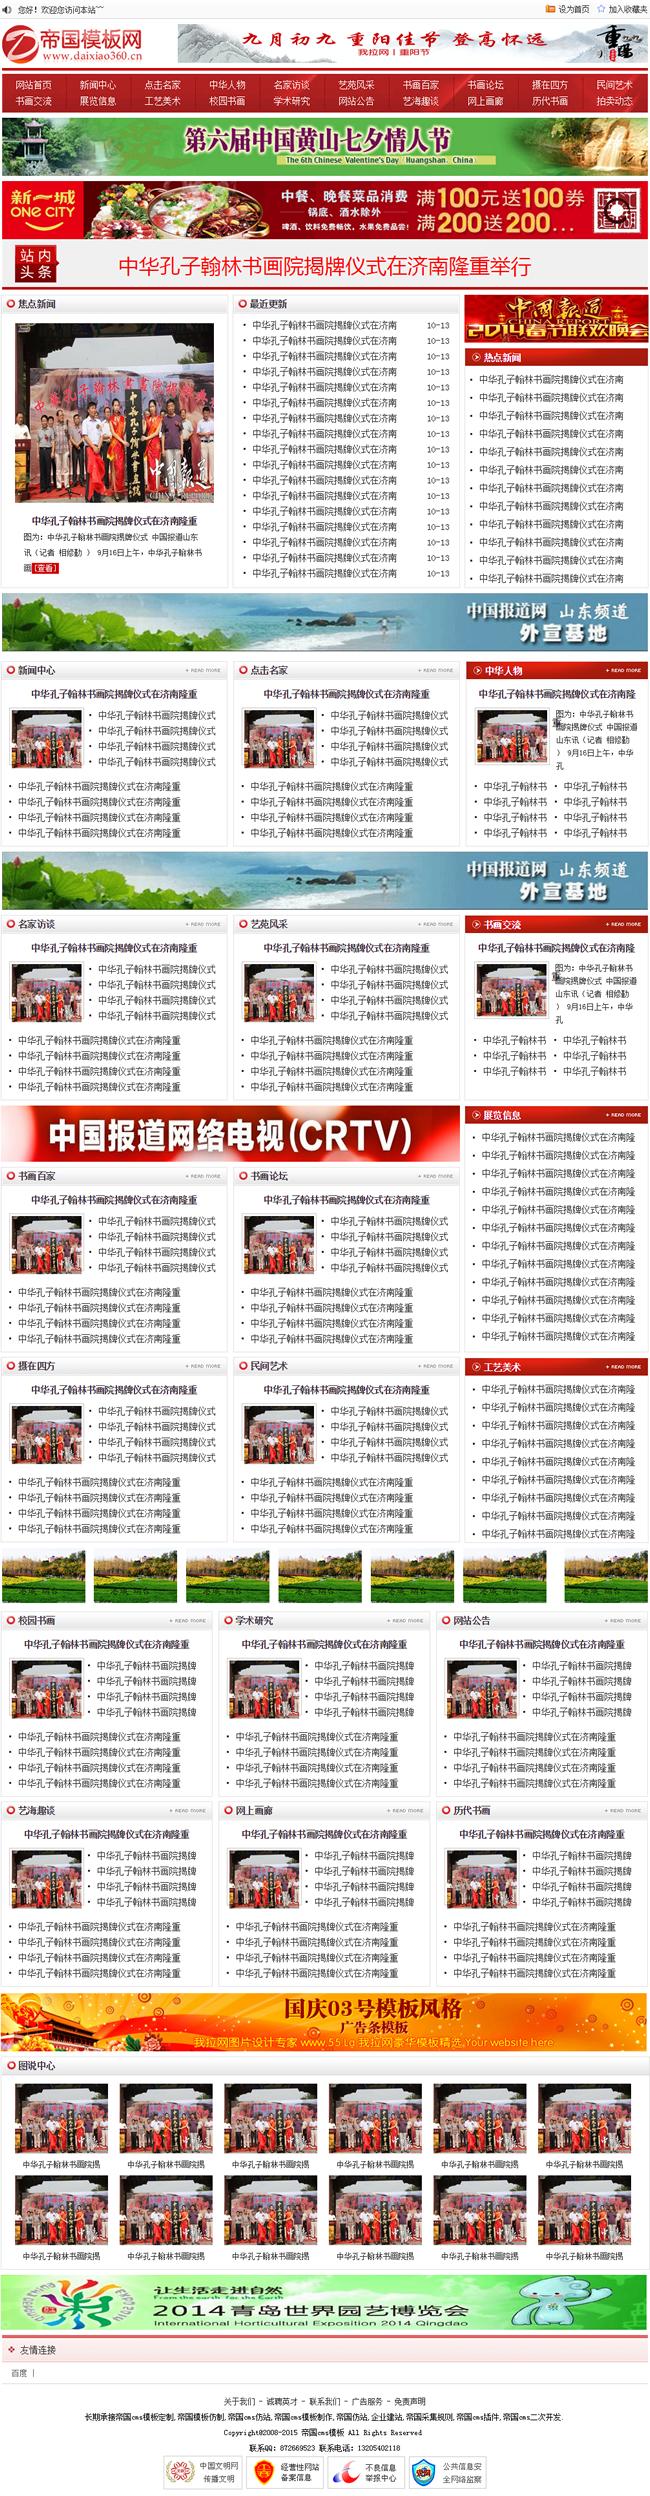 新闻资讯门户网站模板_首页